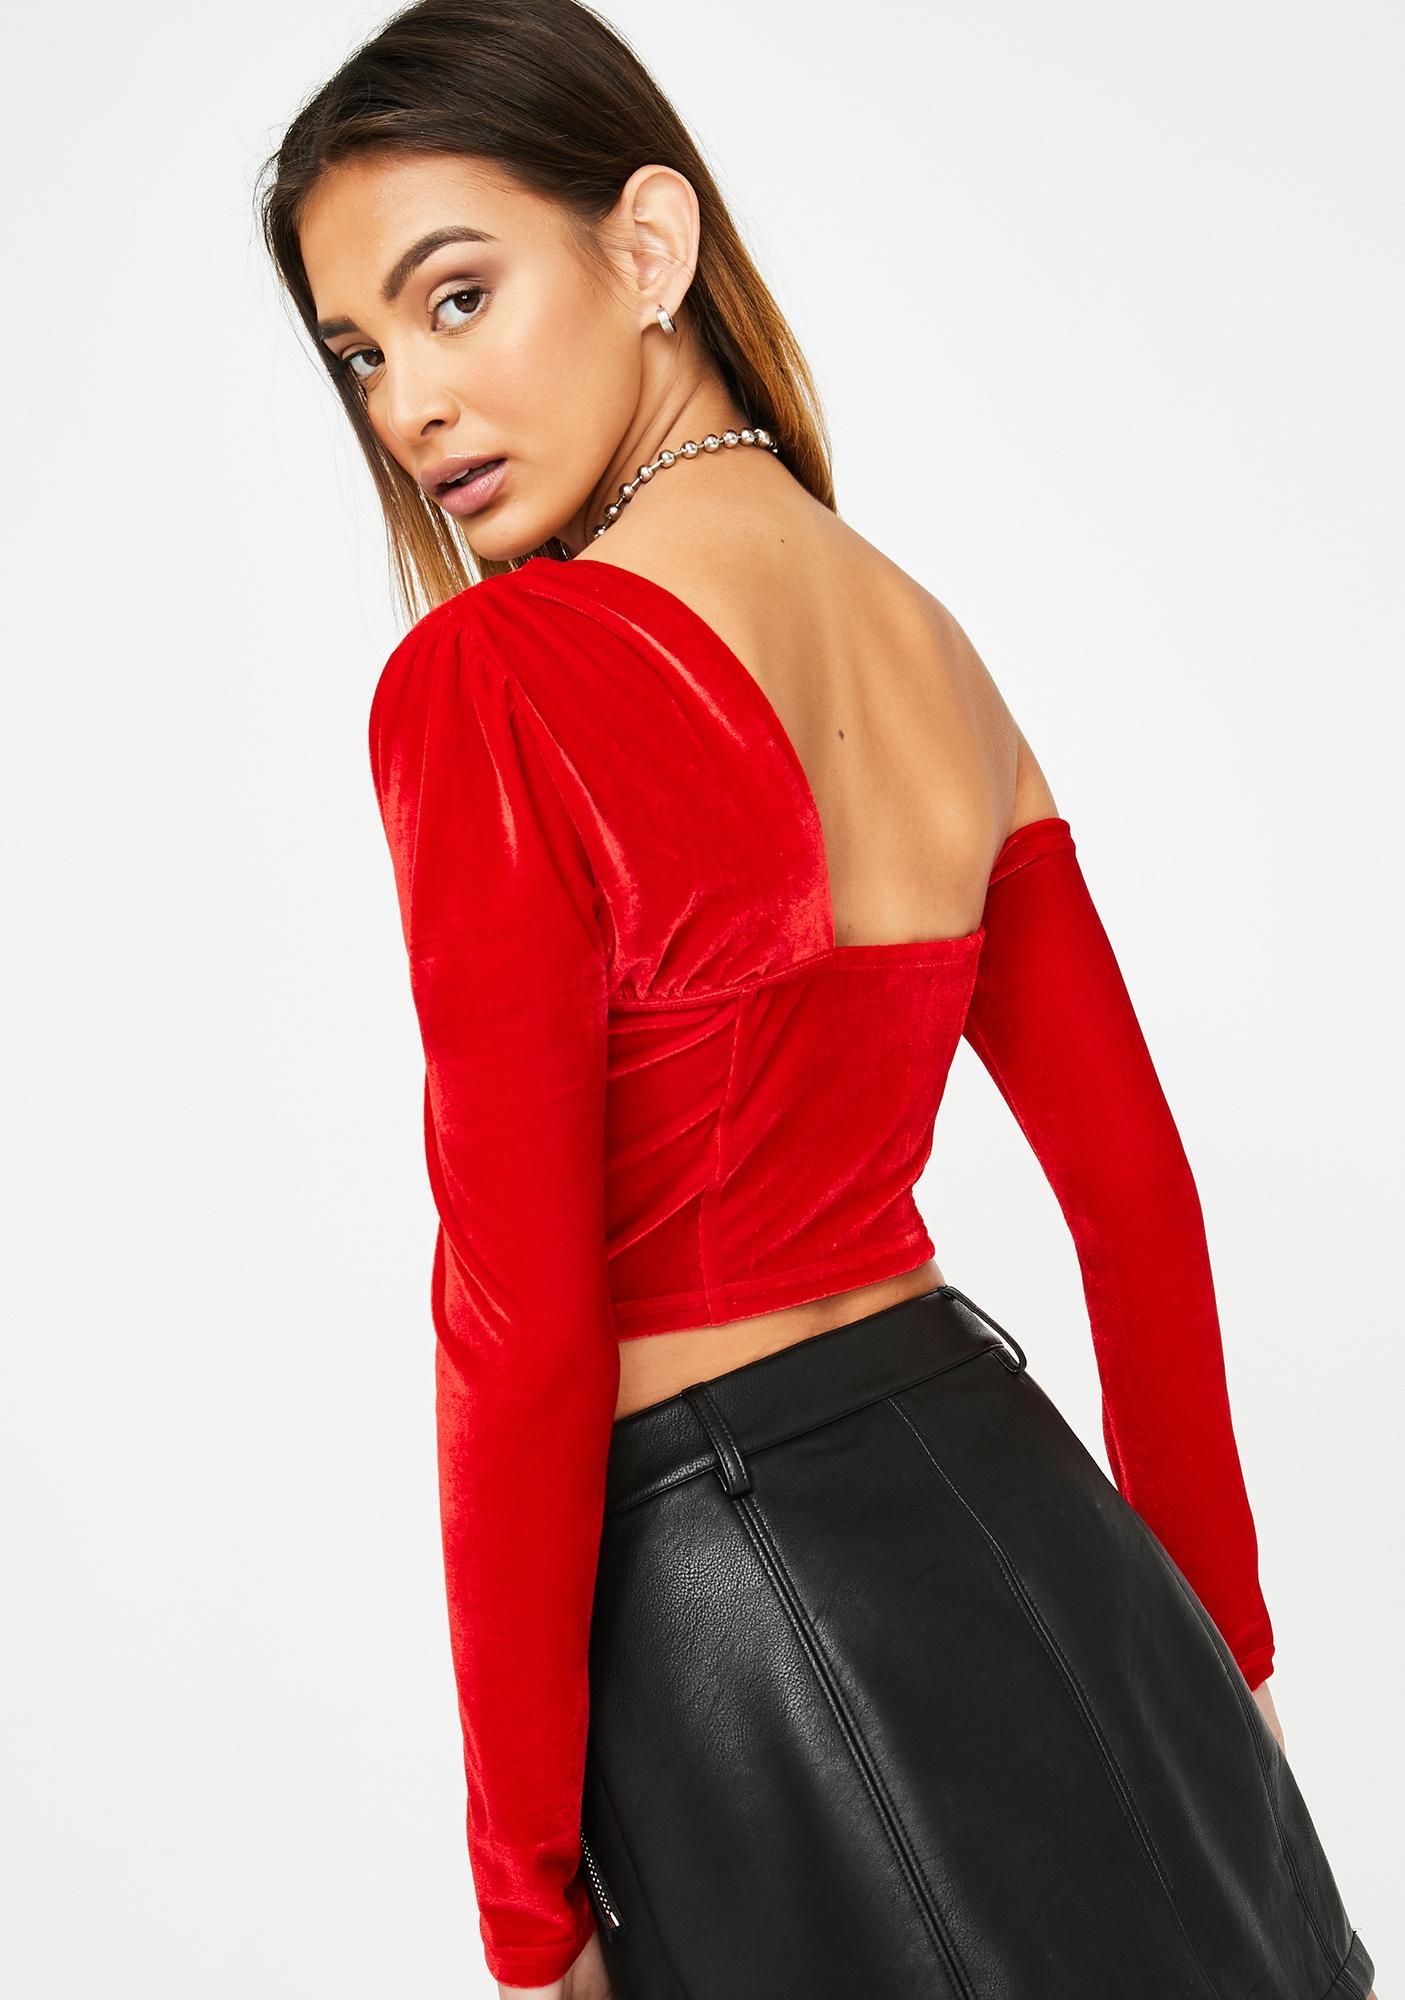 ZEMETA Red Velvet Cross Shoulder Top